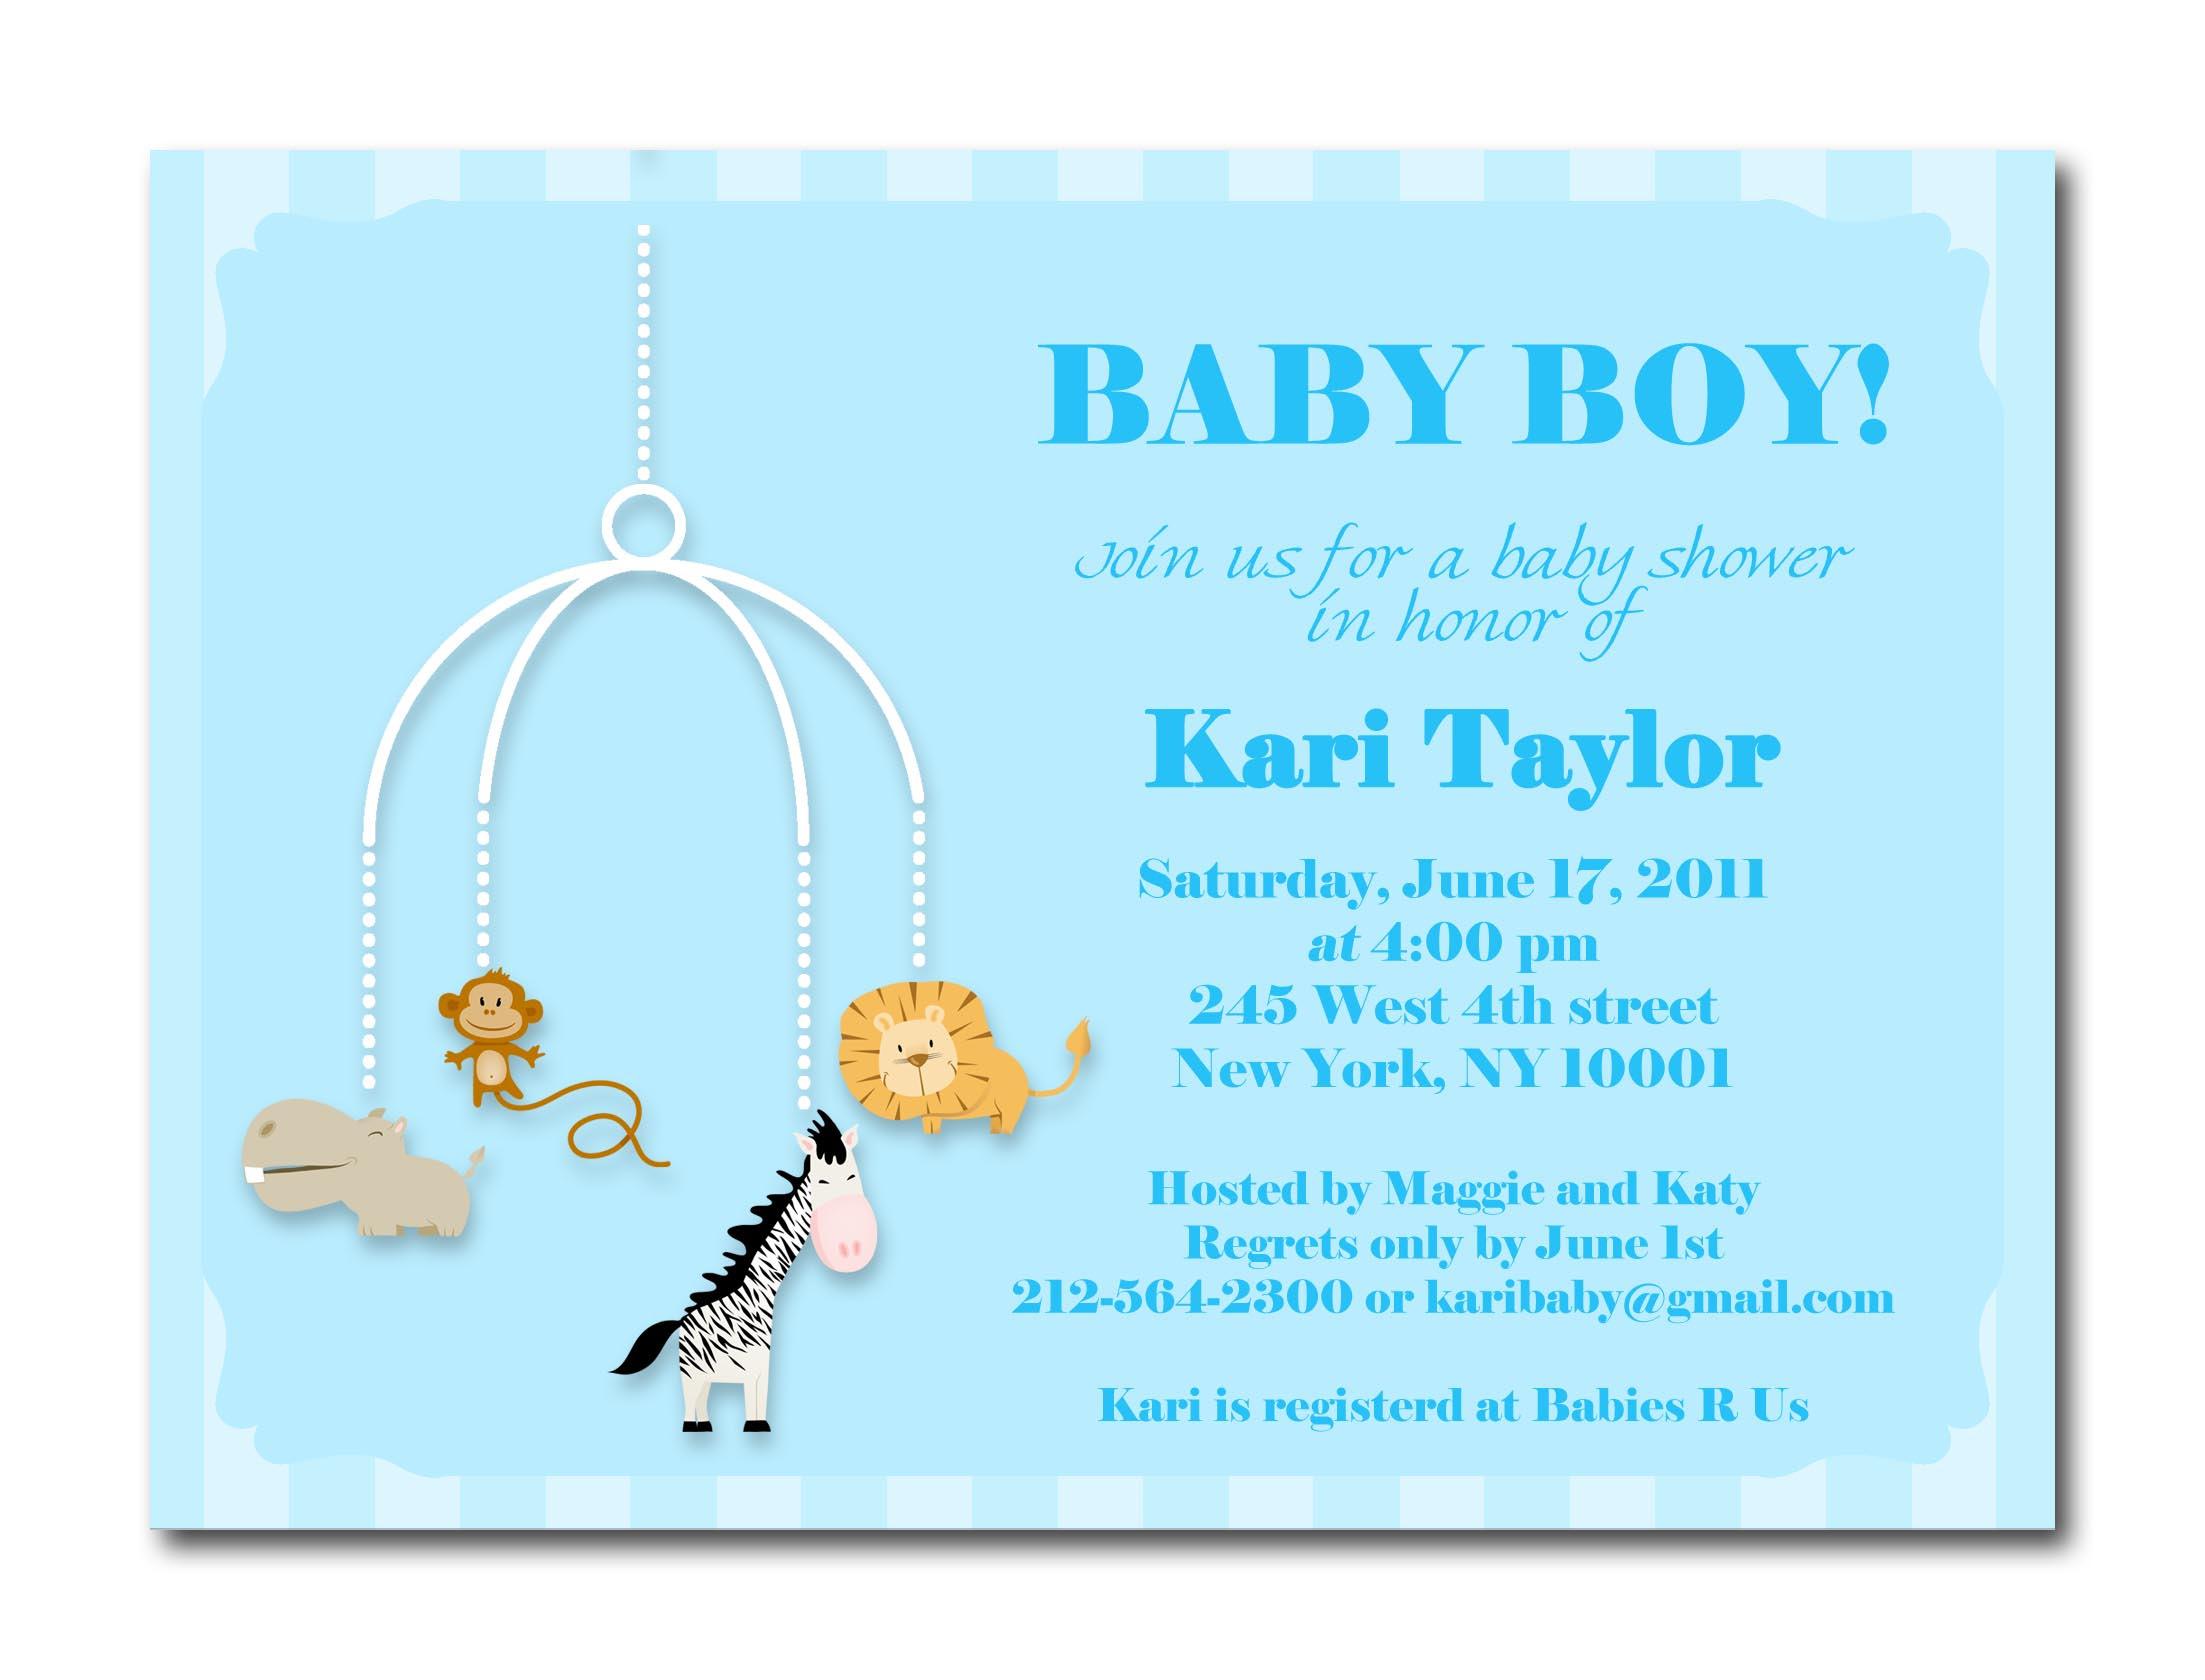 Baby Boy Shower Invites2